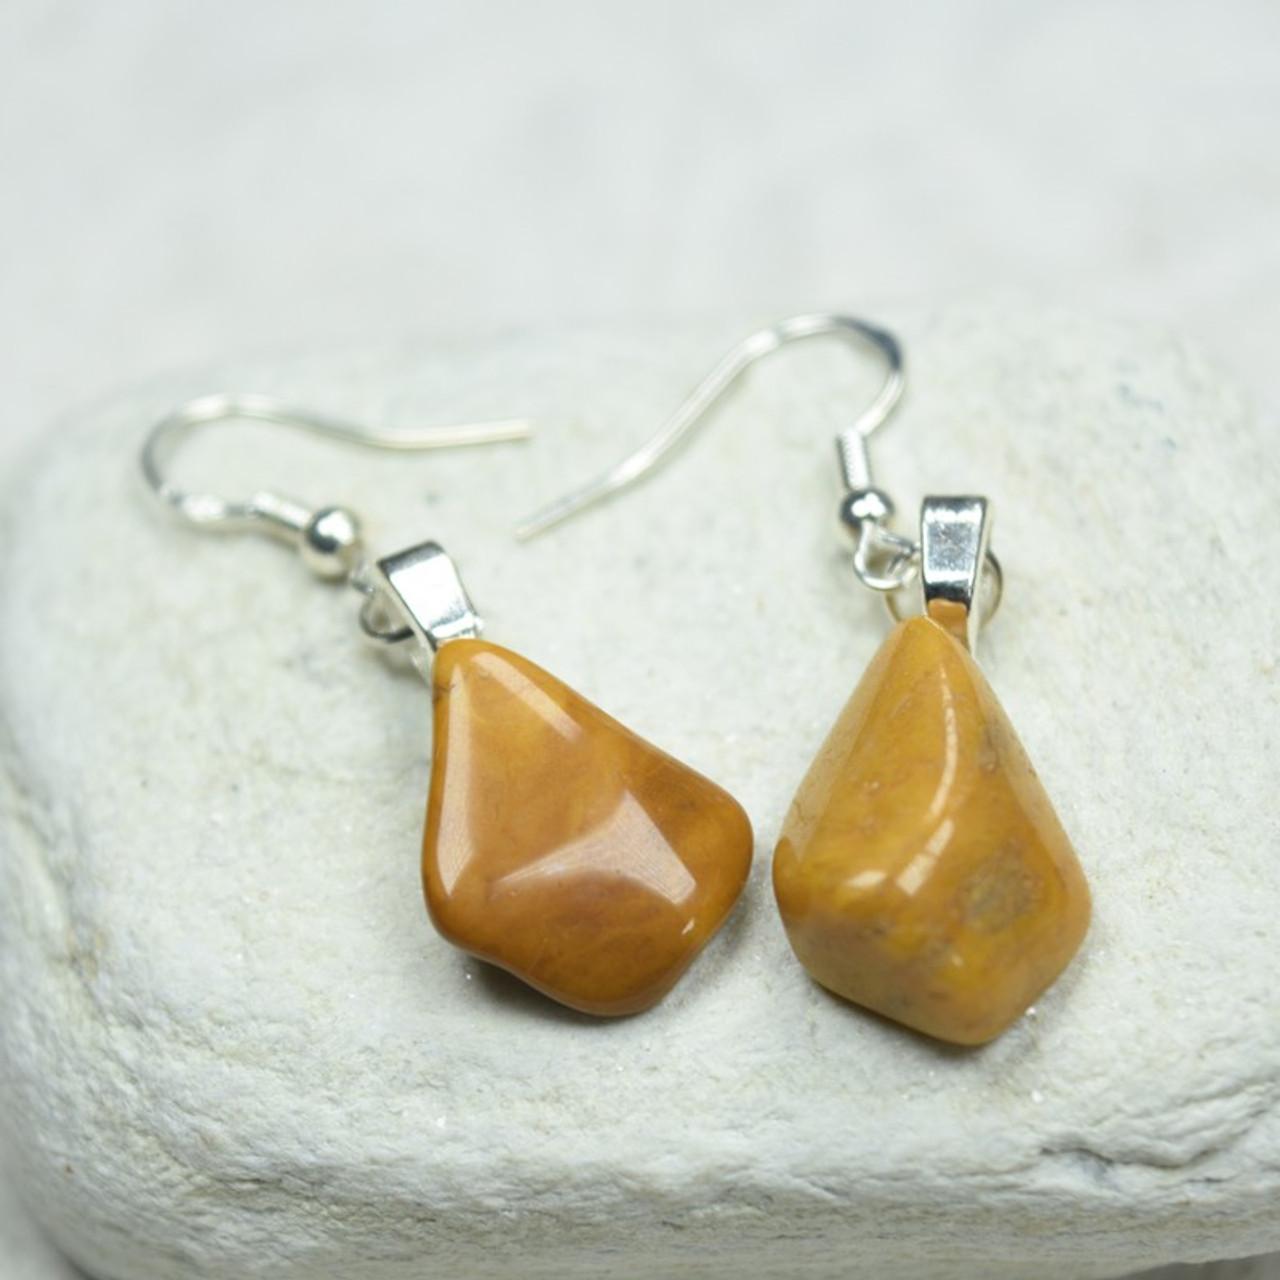 Yellow Jasper Stone Dangling Earrings